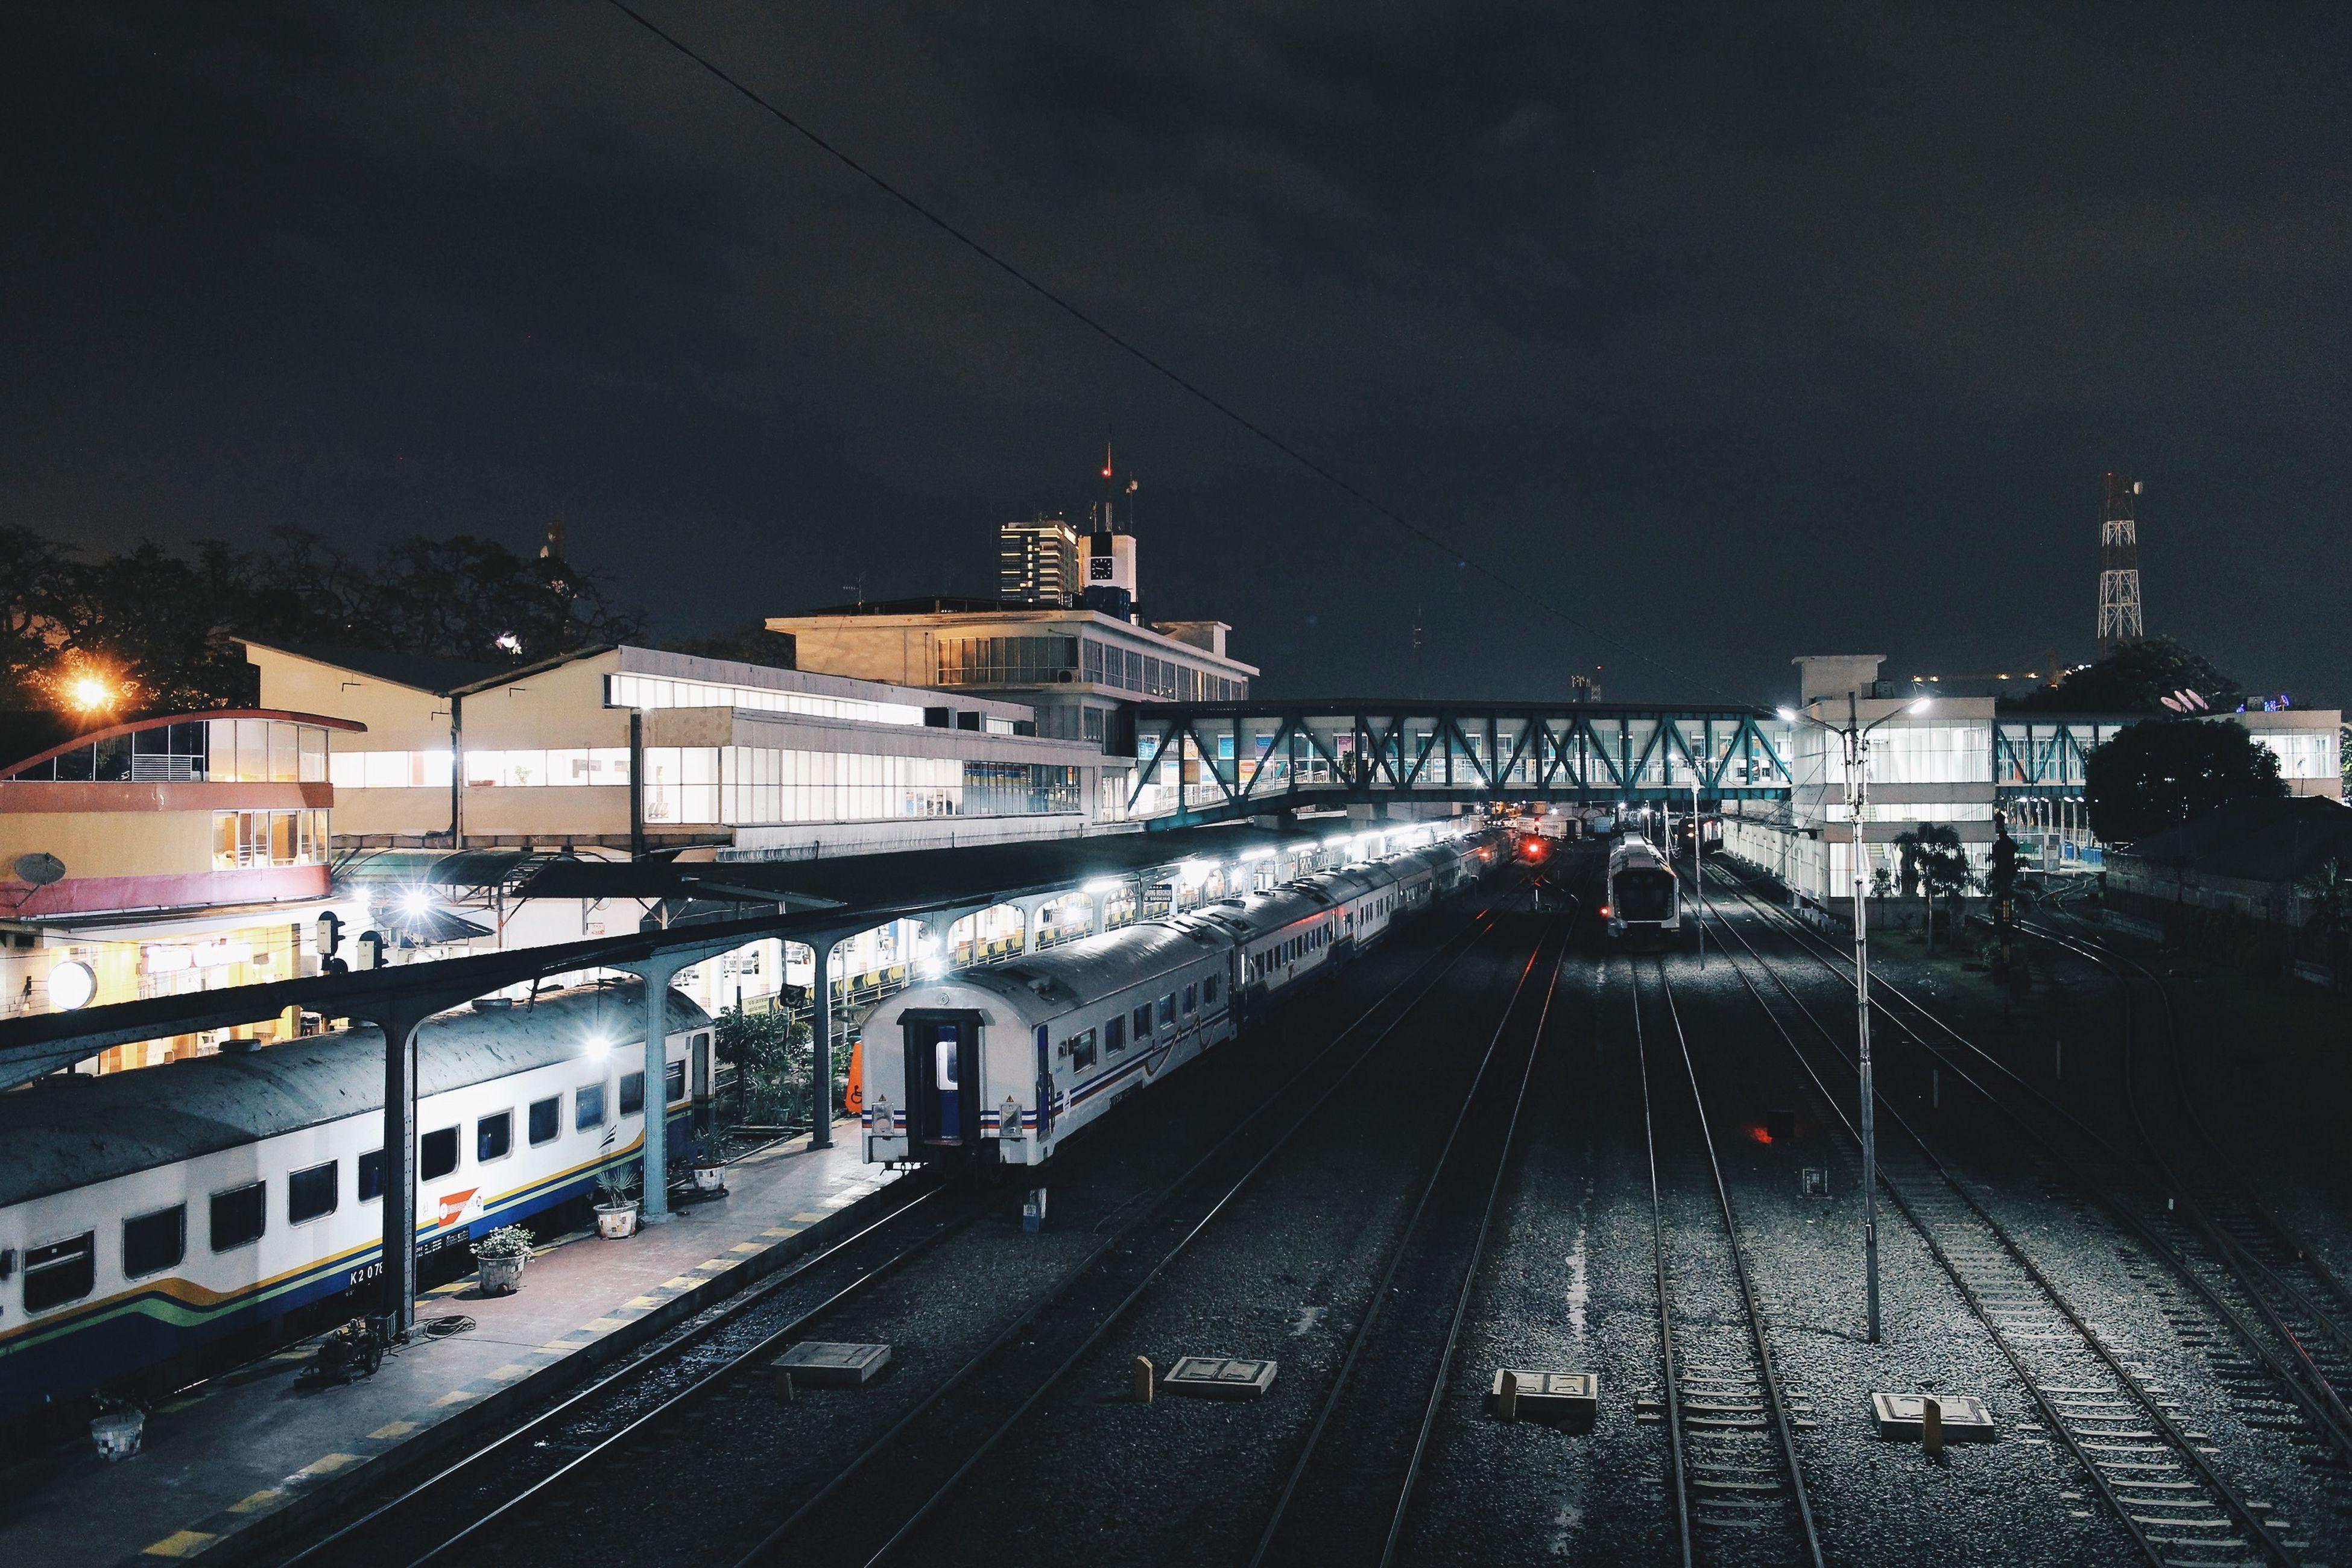 night view railway medan 🚉📷 #eosm #22mm #mirrorless #canon #canon_official #teamcanon #cityview #cityscape #medan #imedan